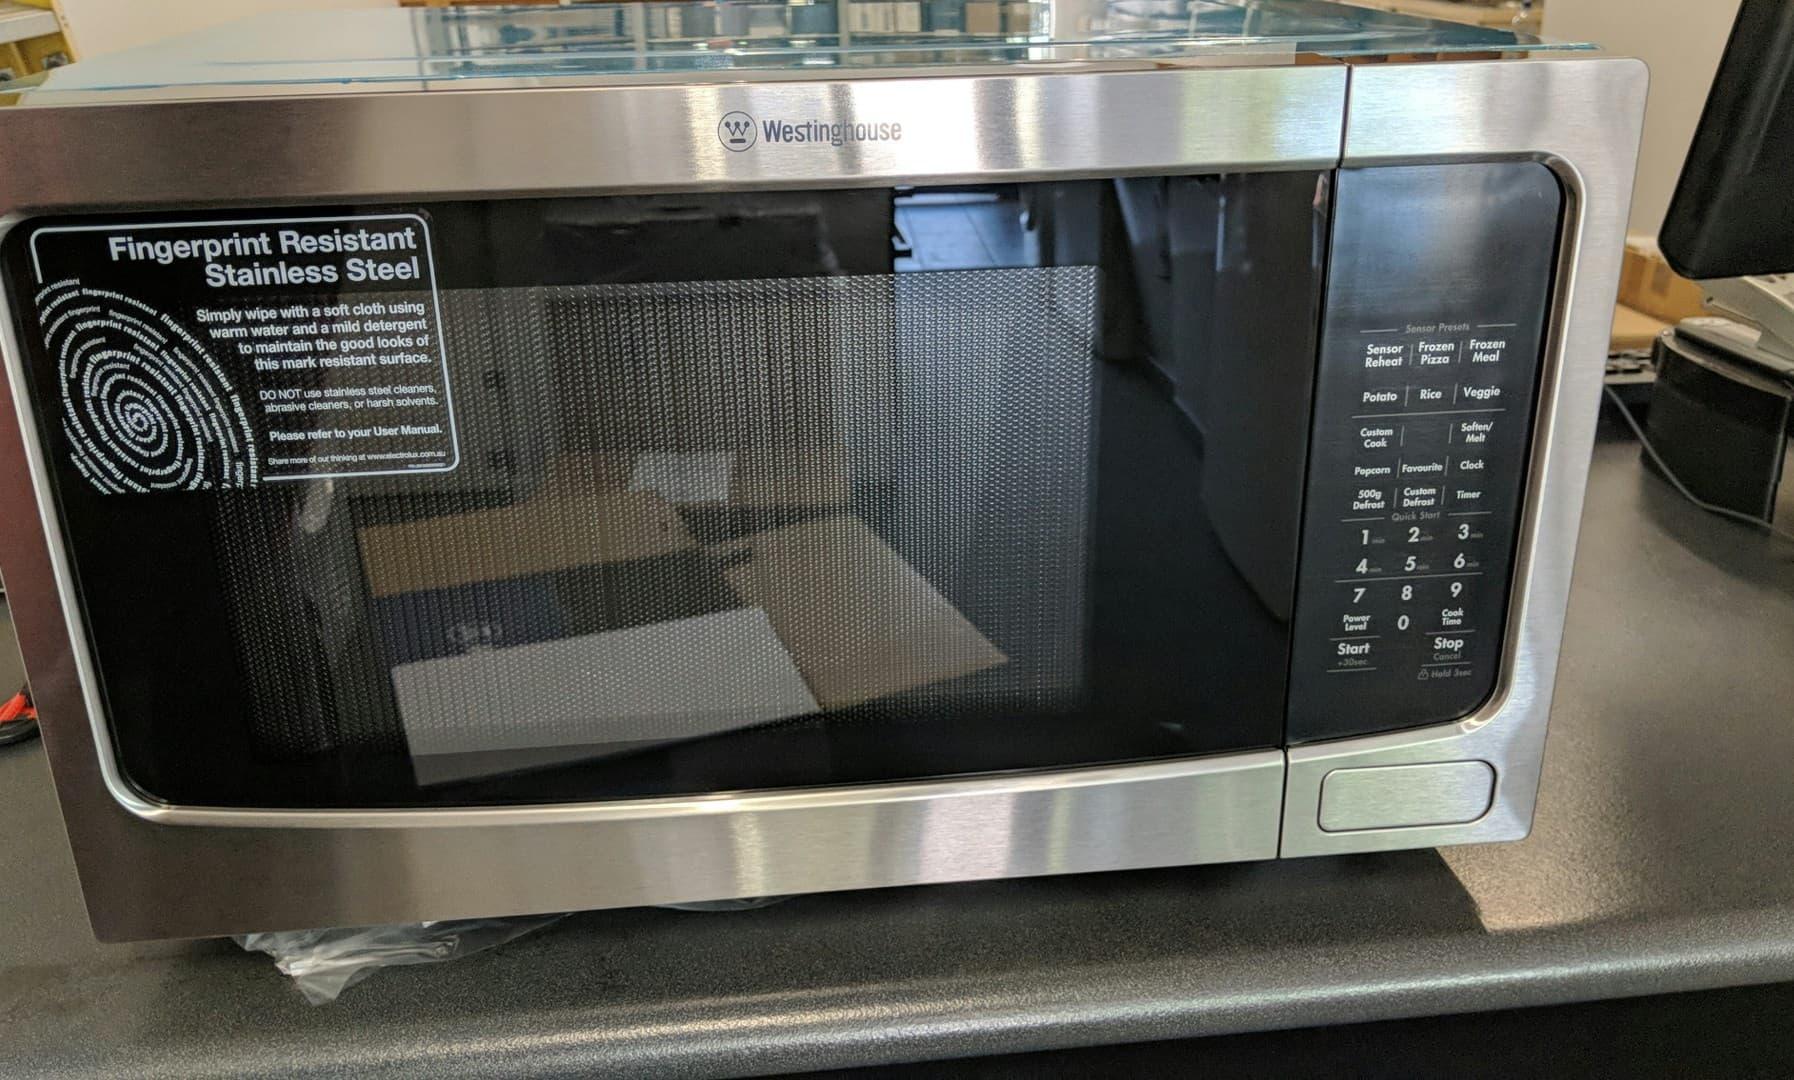 Westinghouse WMF4102SA Microwave oven. Doug Smith Spares Pymble Nov 18